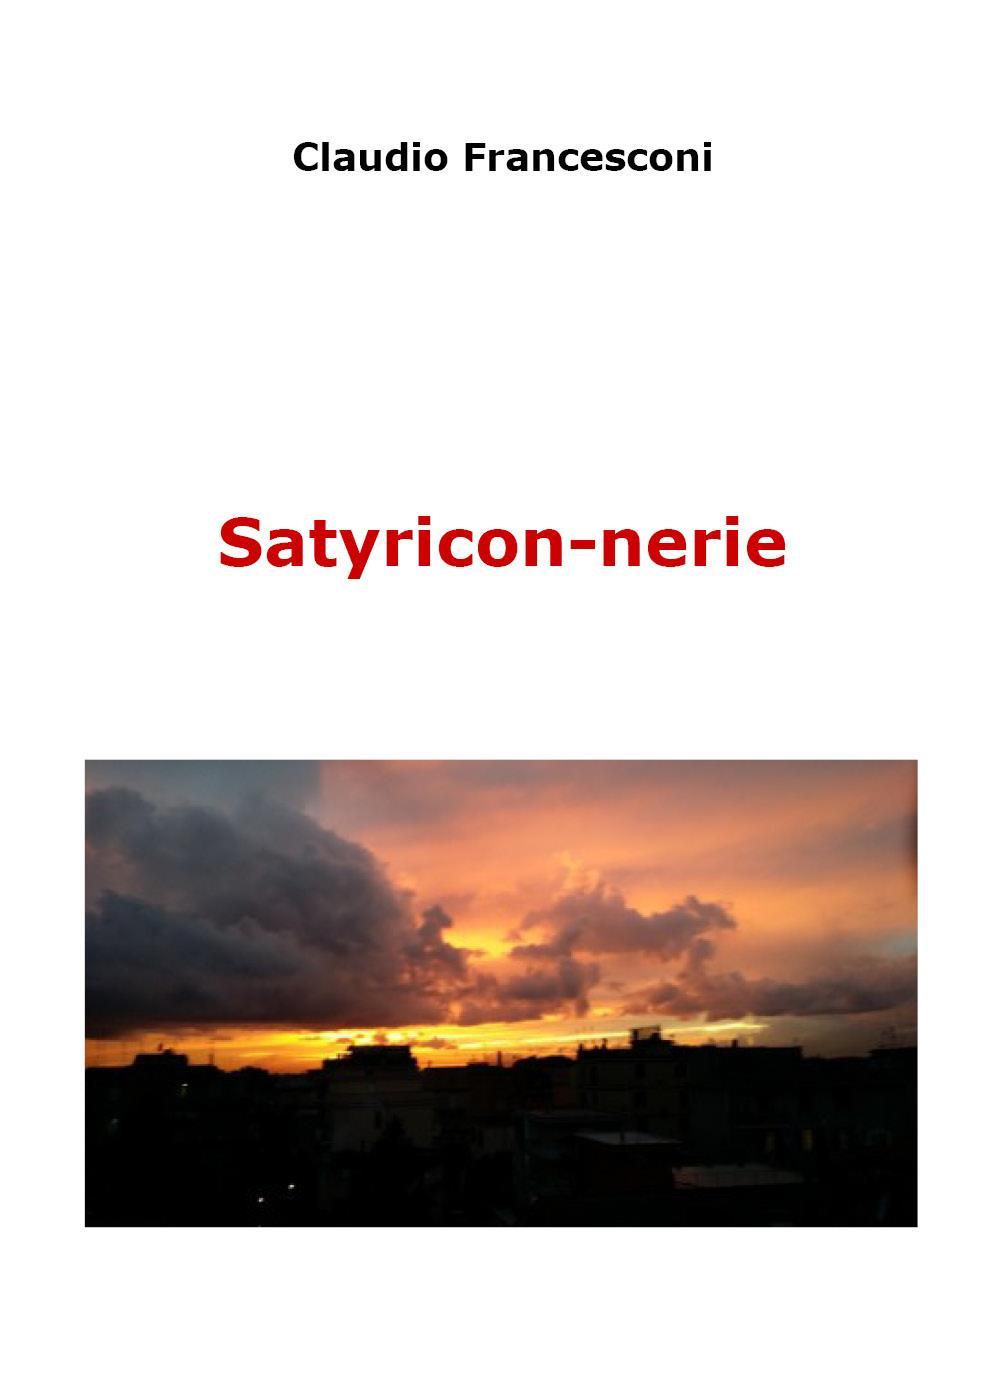 Satyricon-nerie